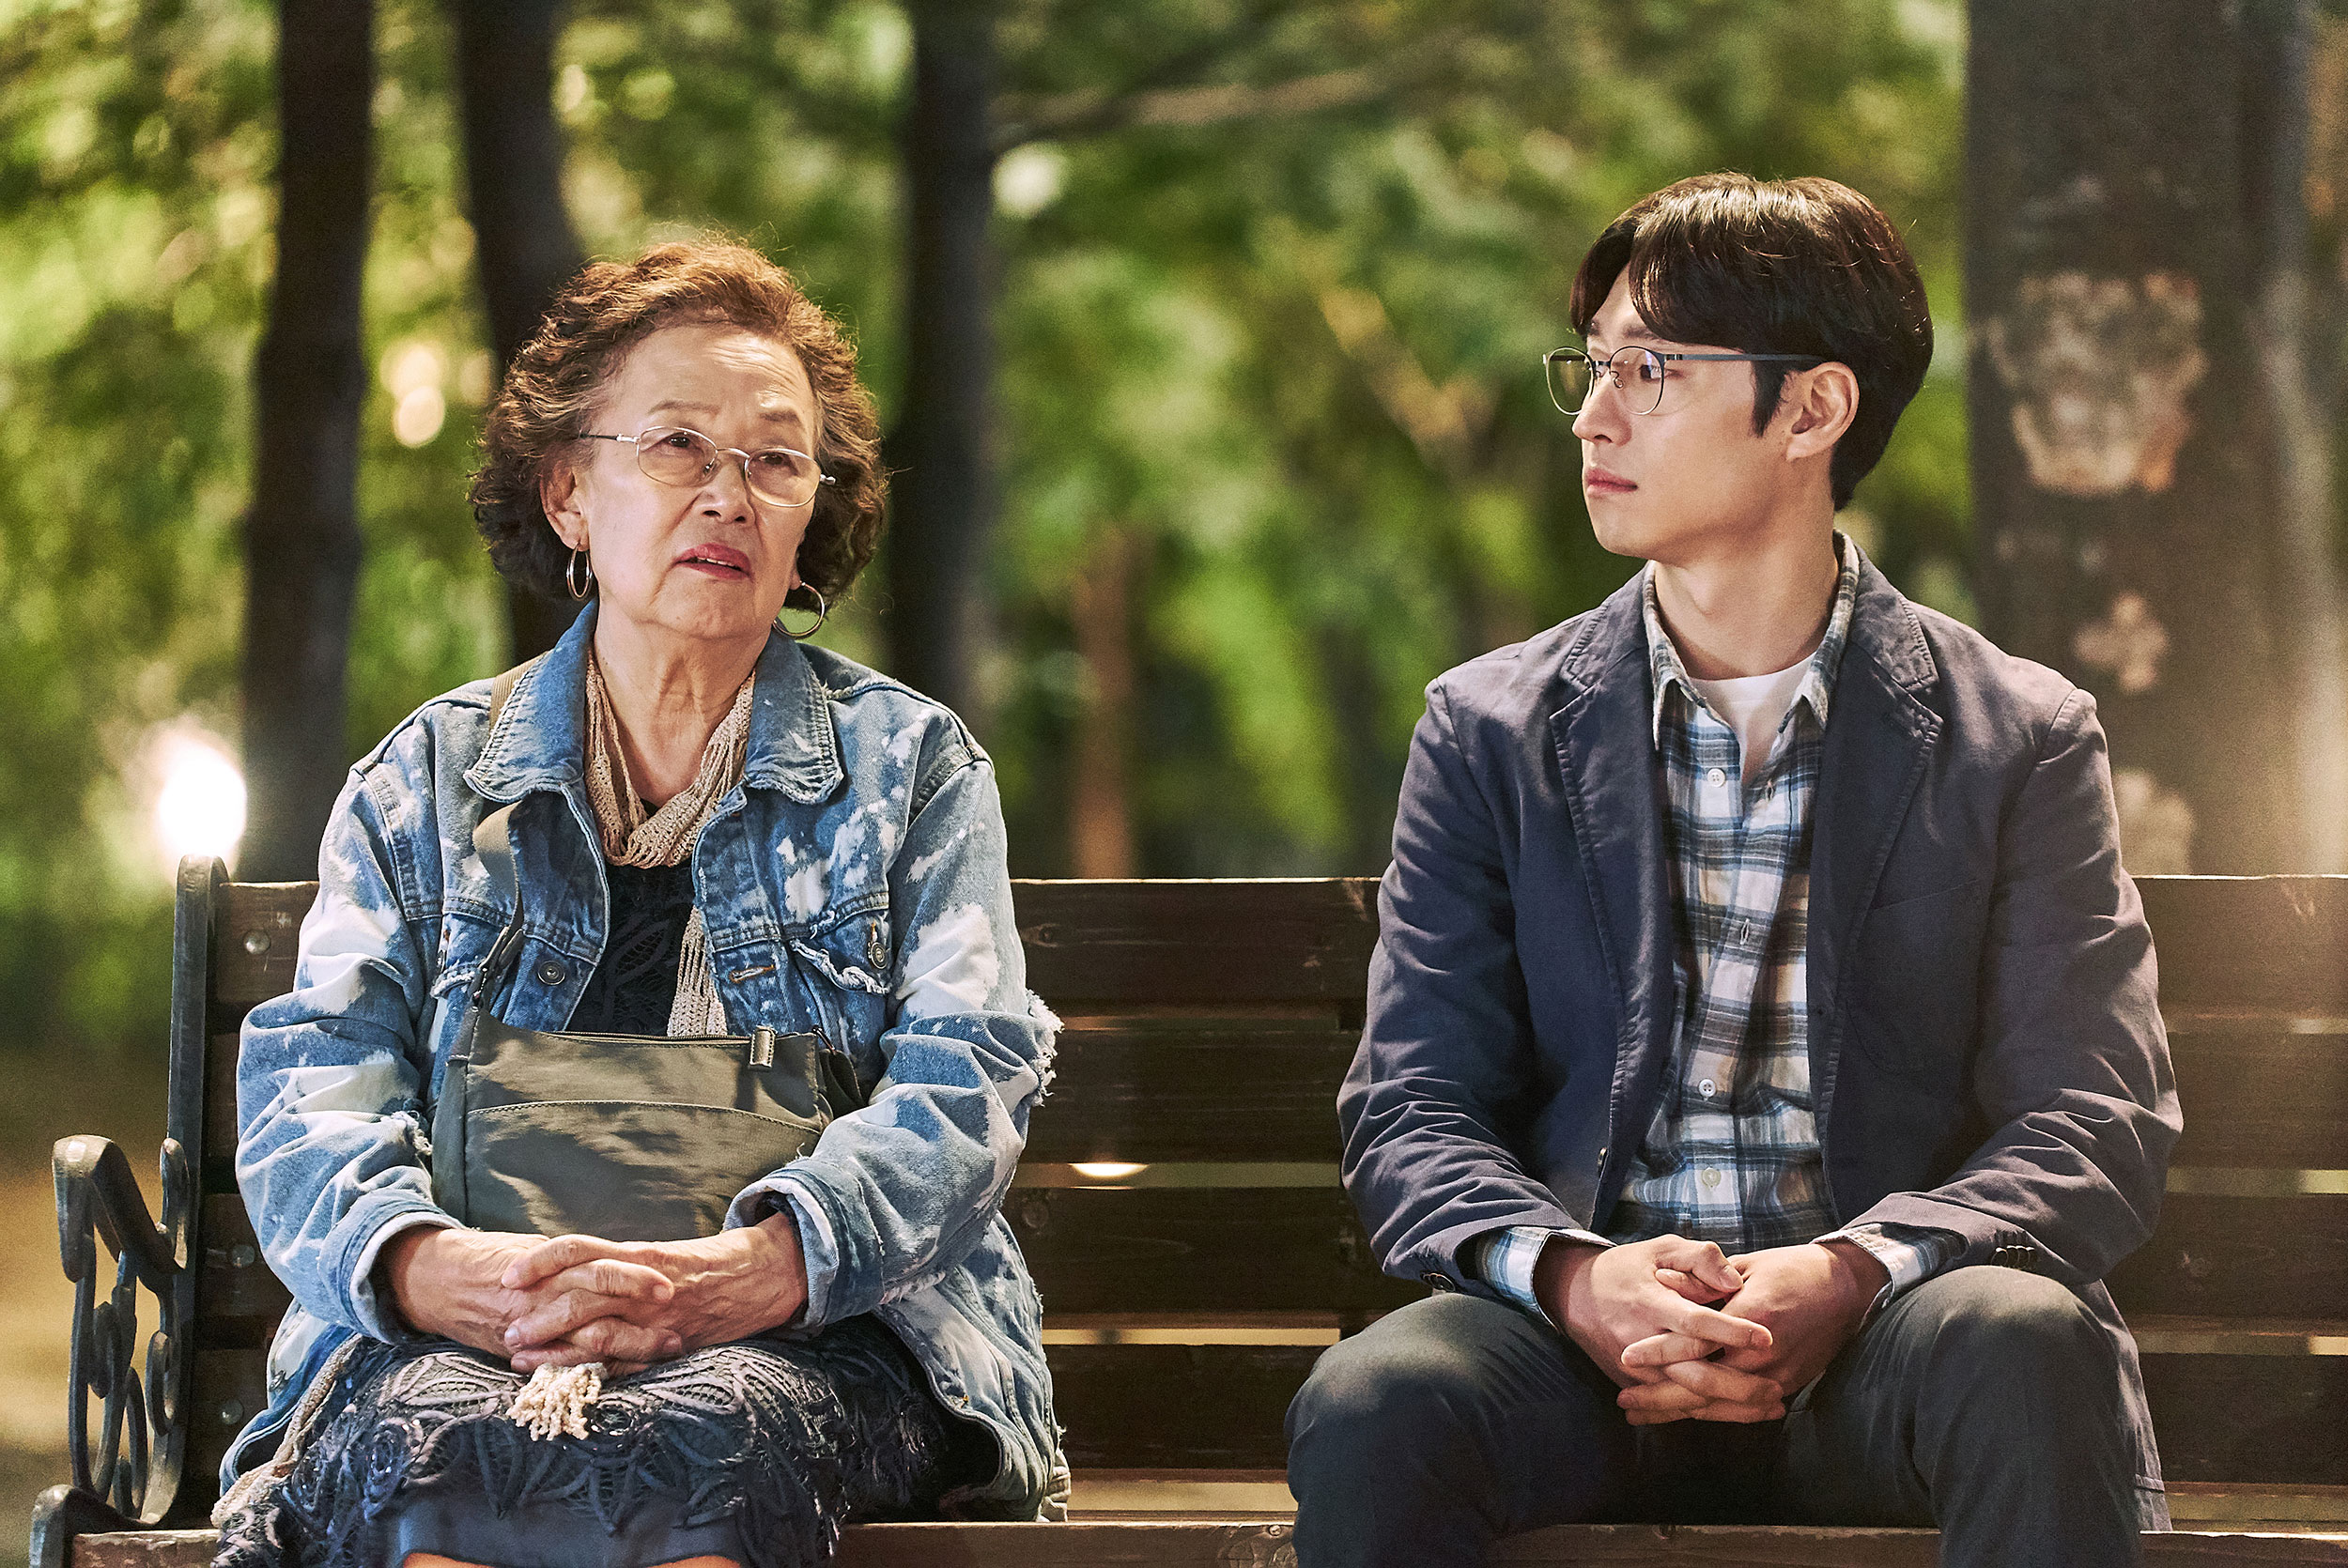 I Can Speak: Khi ngoại già quốc dân cặp kè trai trẻ để... học ngoại ngữ - Ảnh 2.